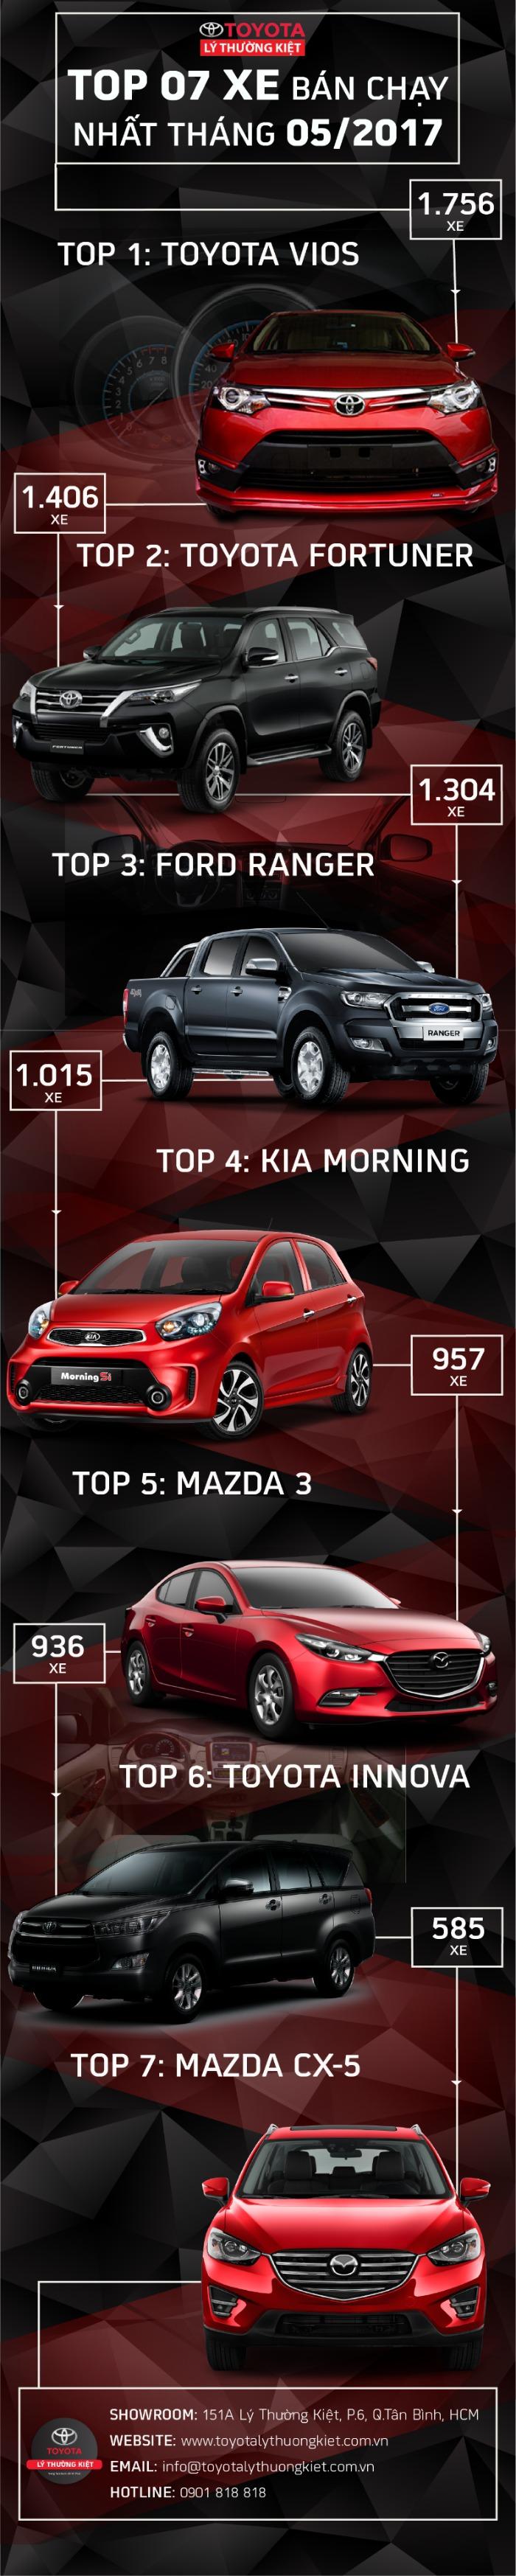 top xe hơi bán chạy tháng 6/2017 - xe vios 2017